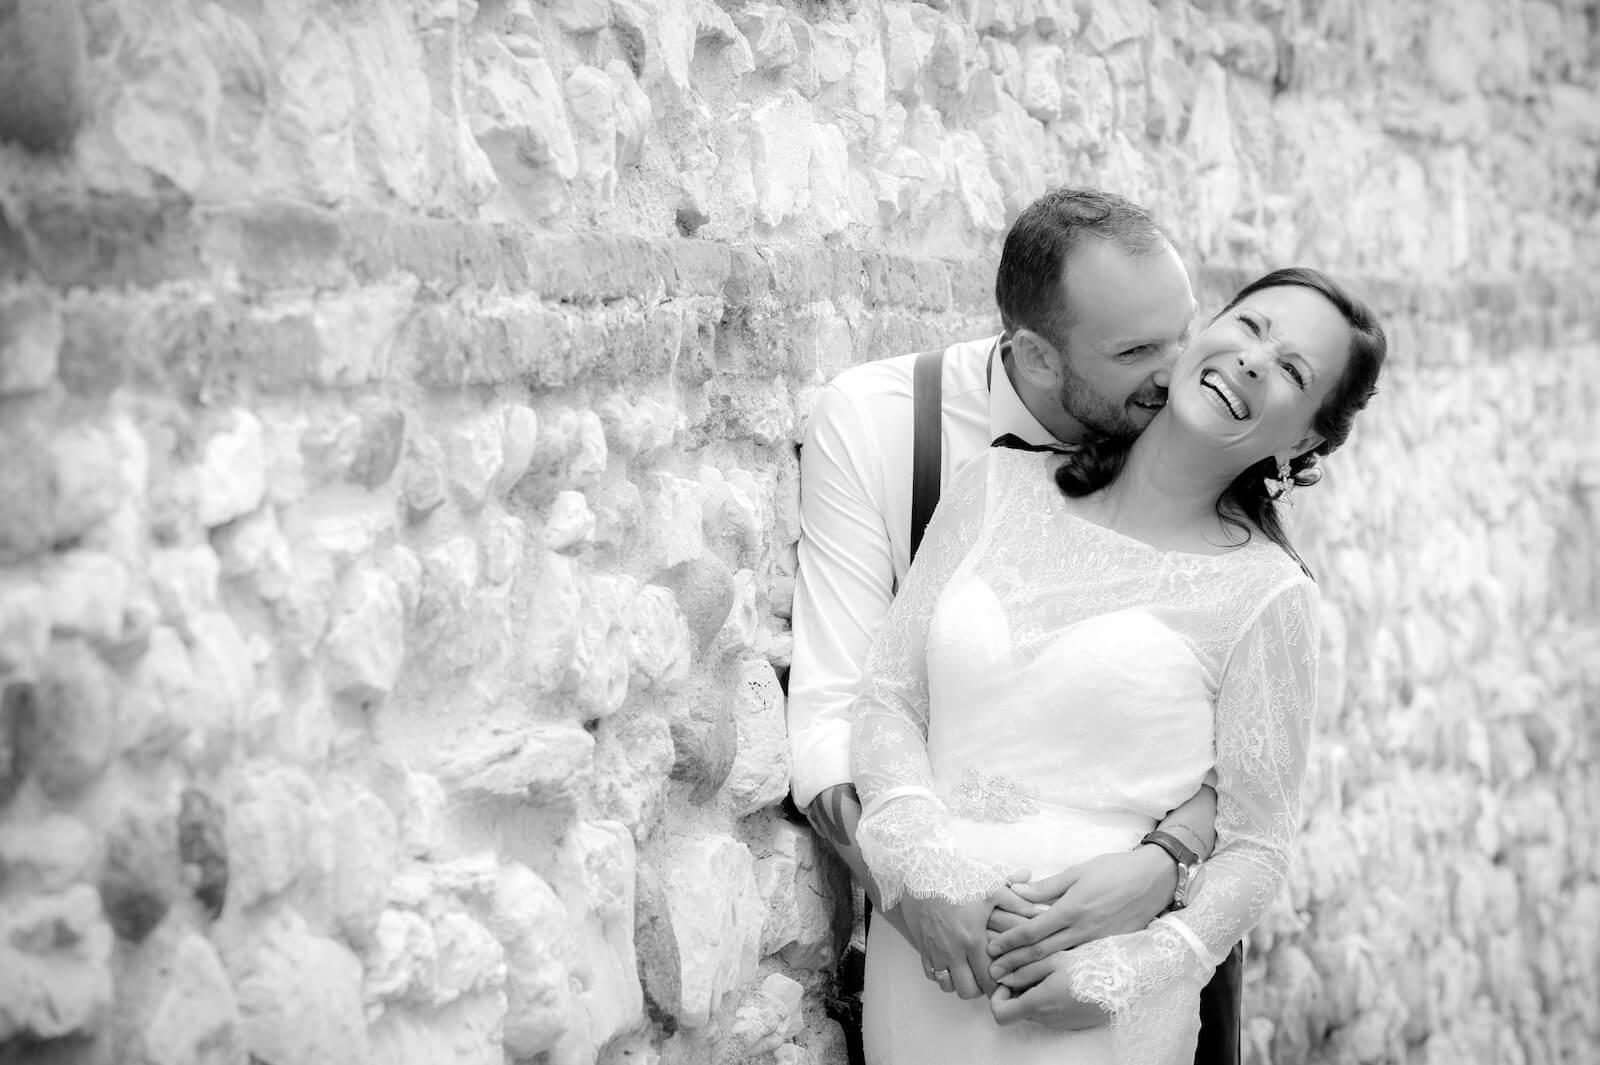 Hochzeit Gardasee - Fotoshooting an einer alten Steinmauer